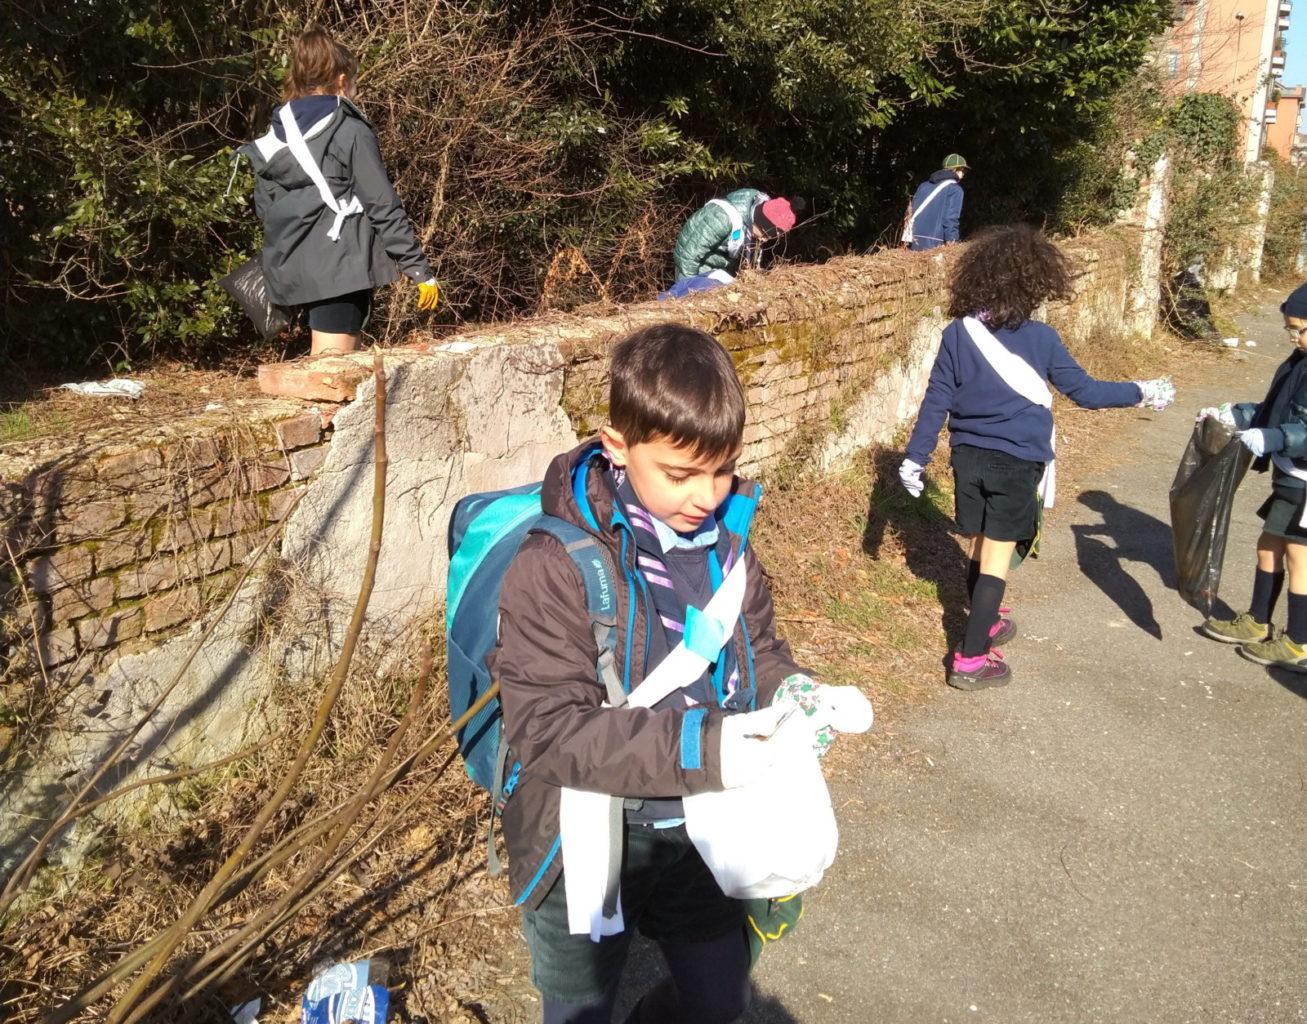 Gli scout di busto arsizio ripuliscono le strade for Le torri arredamento busto arsizio